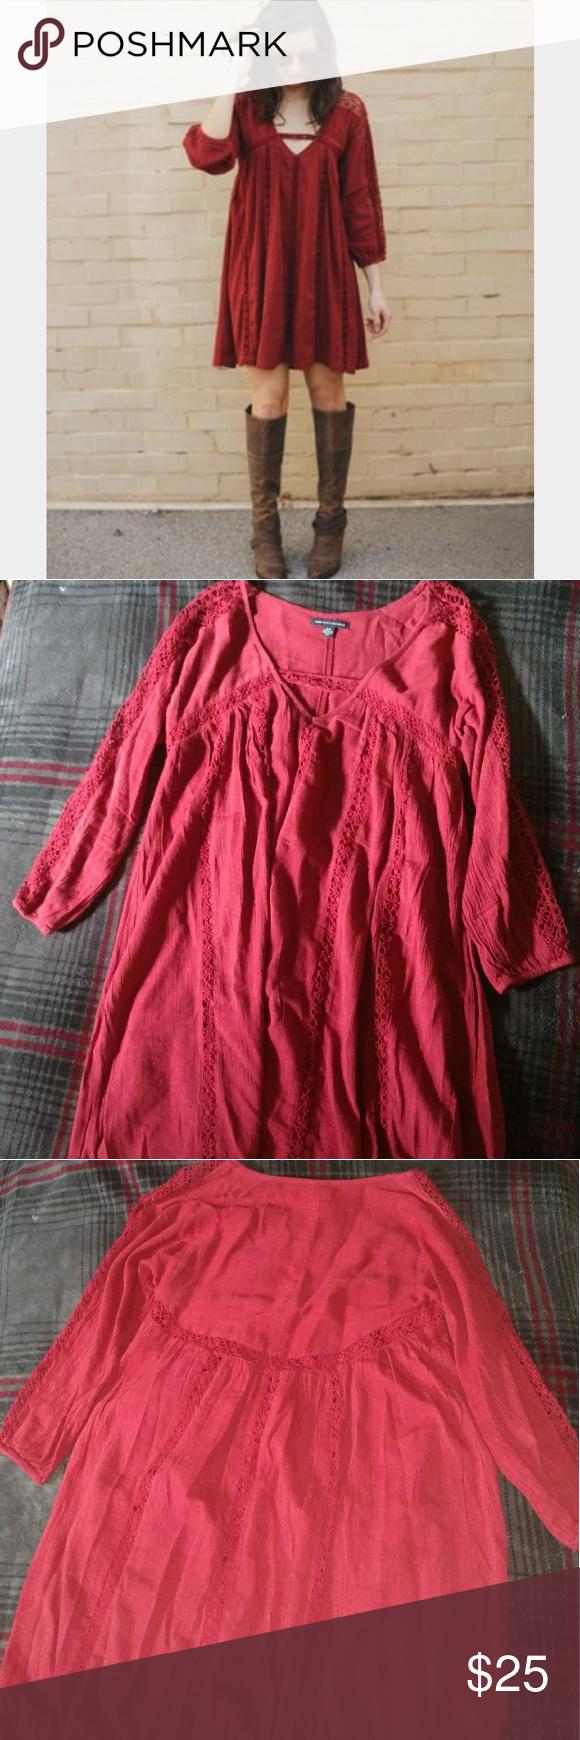 Burgundyred dress